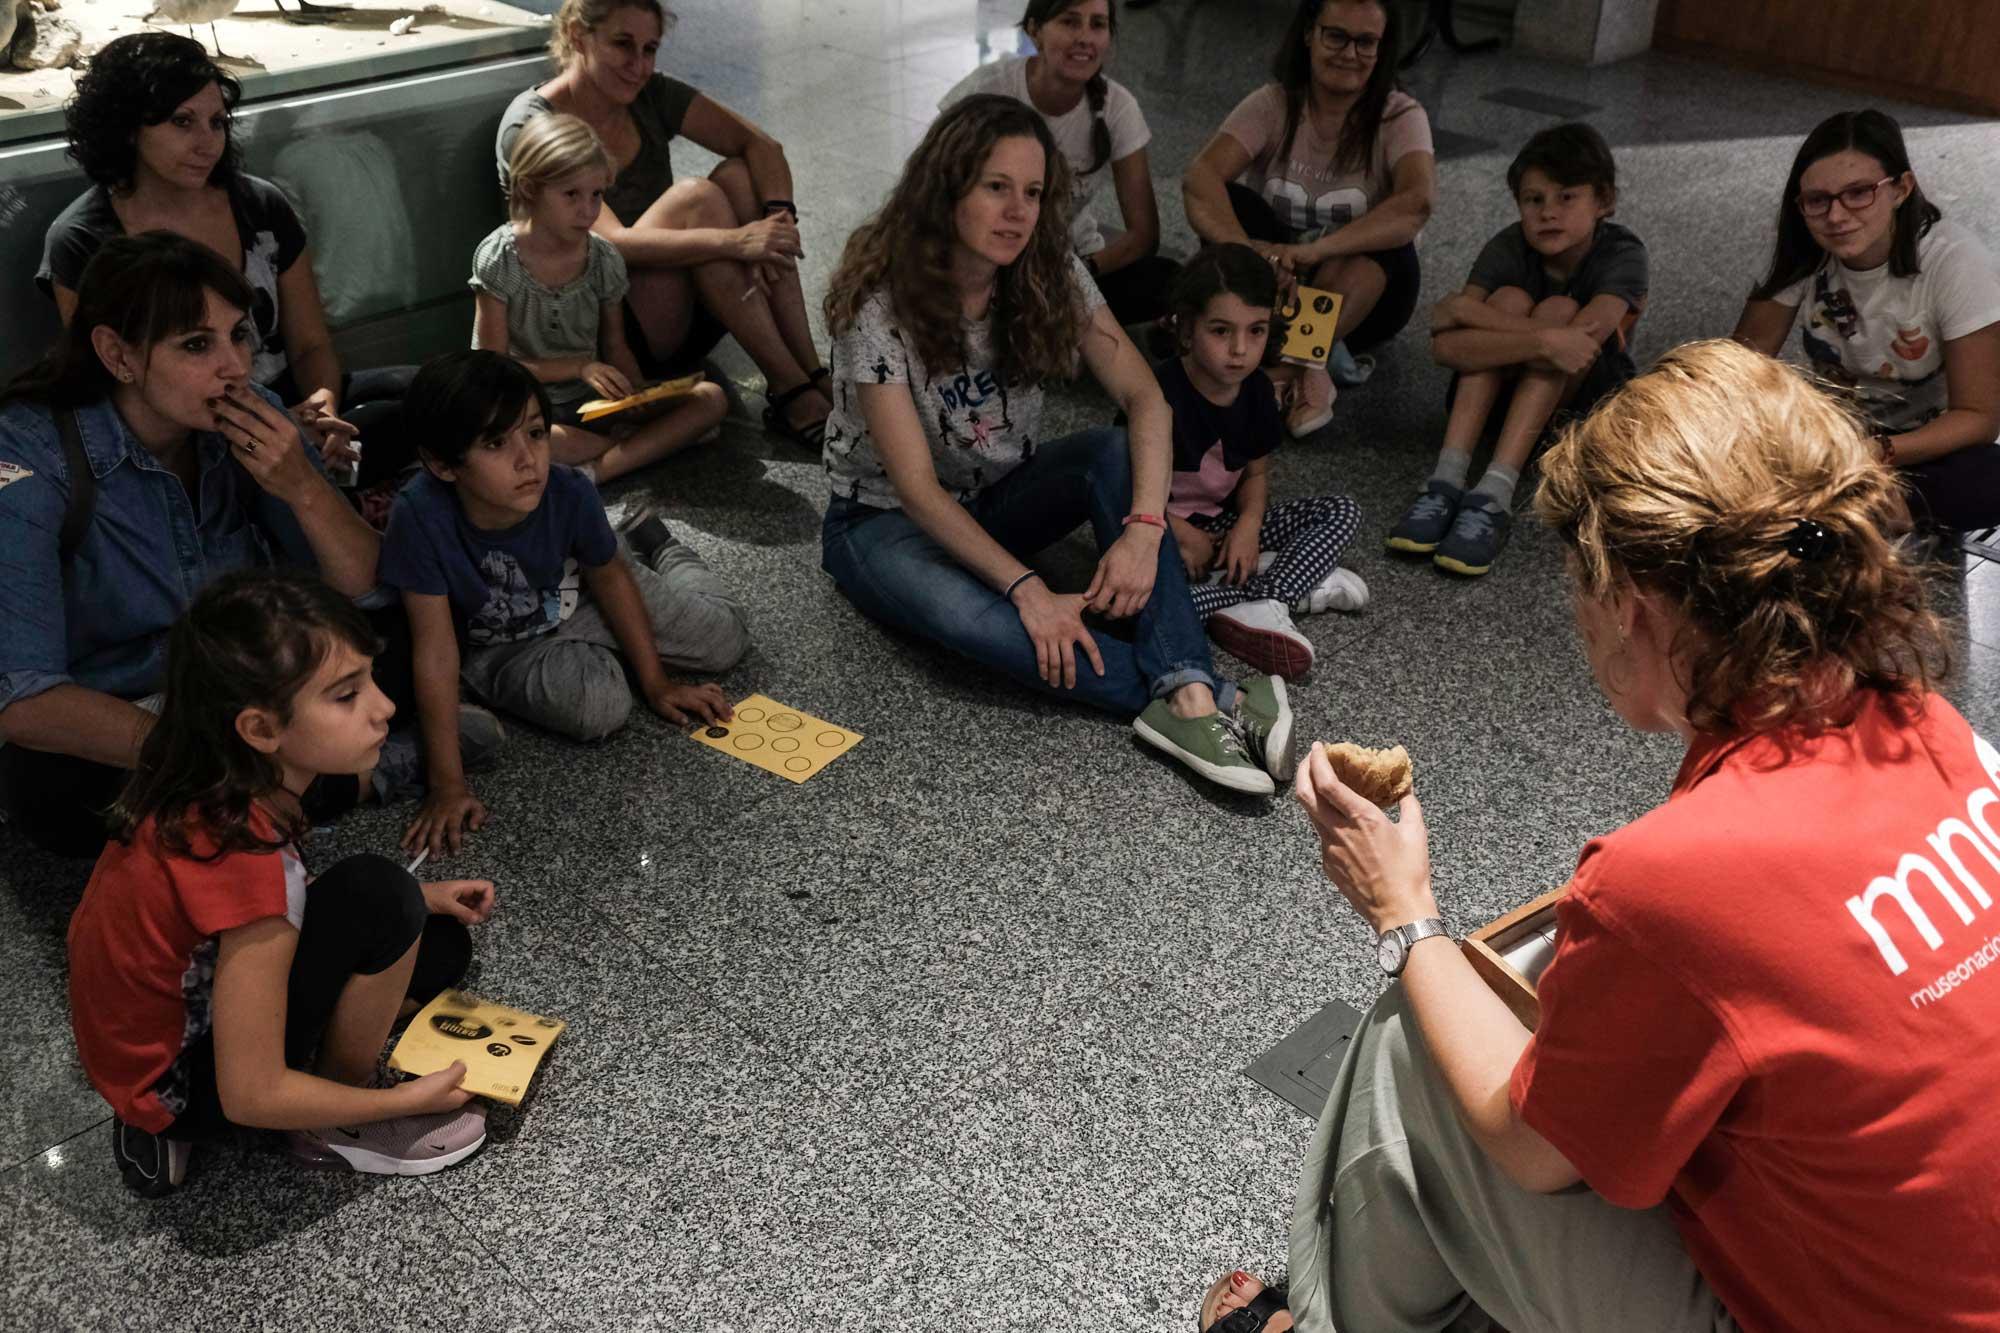 Durante la noche, una de las educadoras explica los secretos del dragón de komodo.